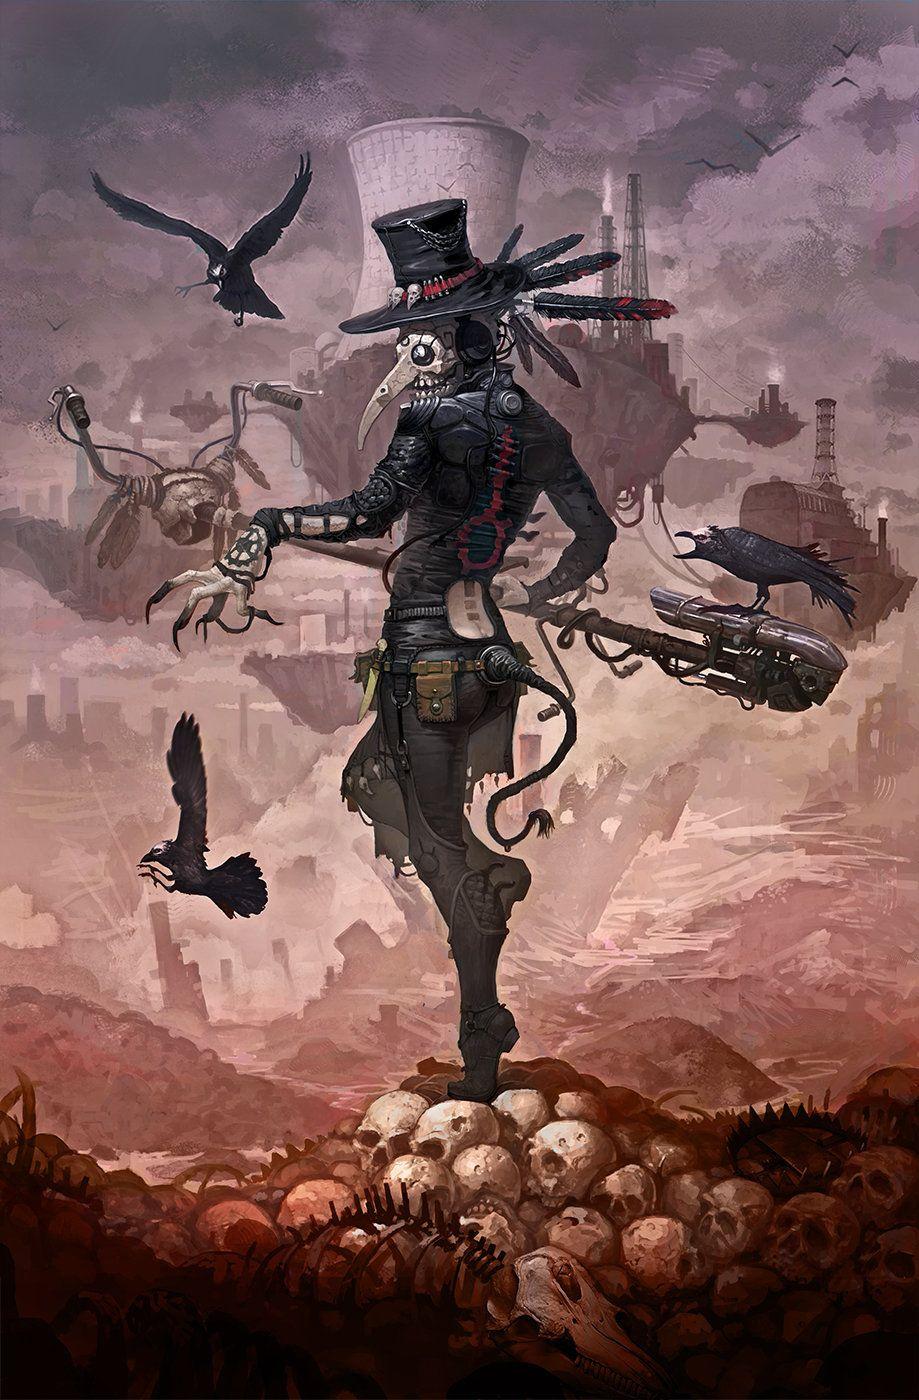 Ioan Human art Cyber Cyberpunk doctor Goth Gothic